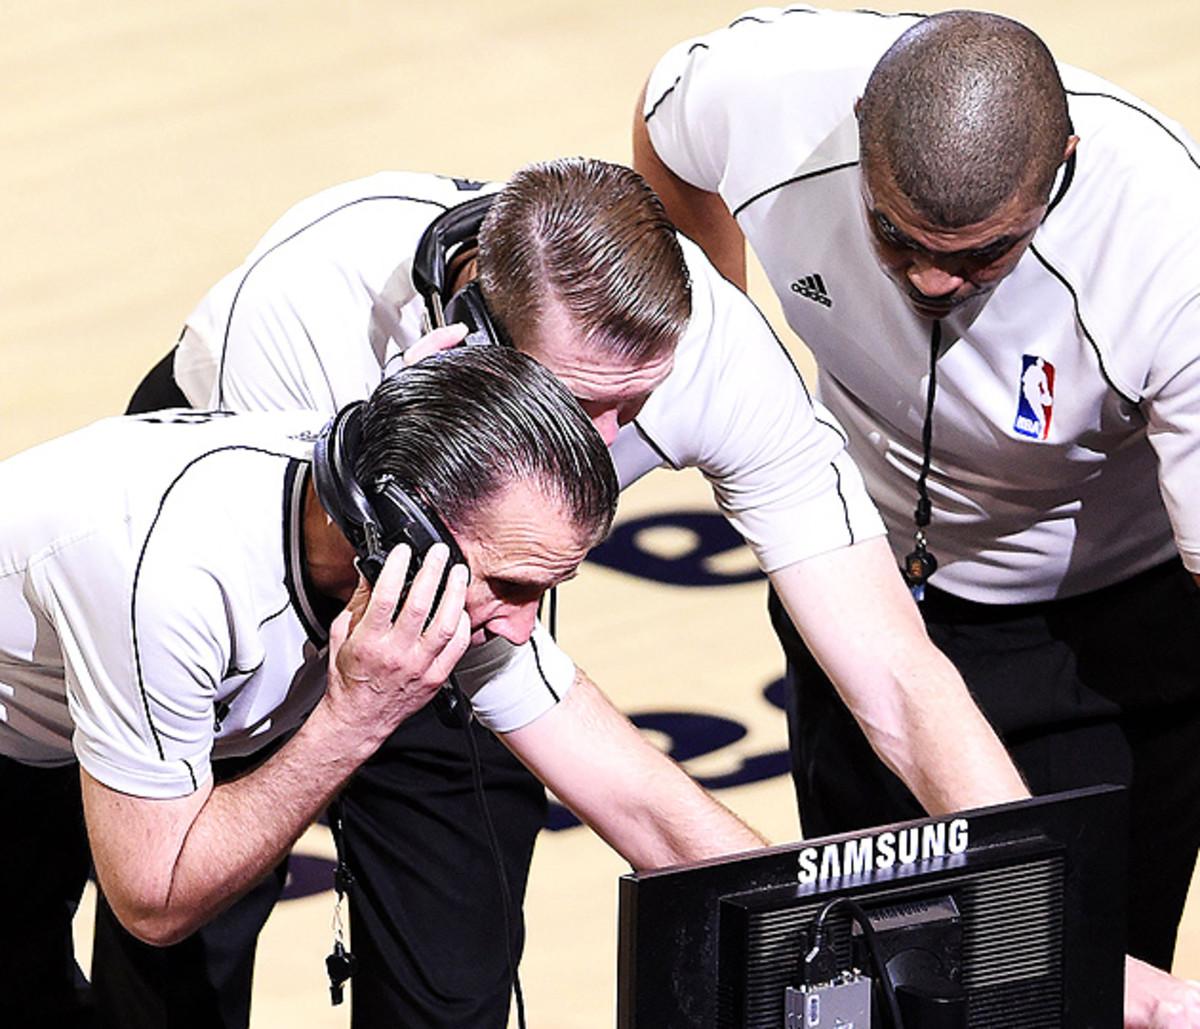 al-horford-ejection-matthew-dellavedova-cavaliers-hawks-game-3-2015-nba-playoffs.jpg